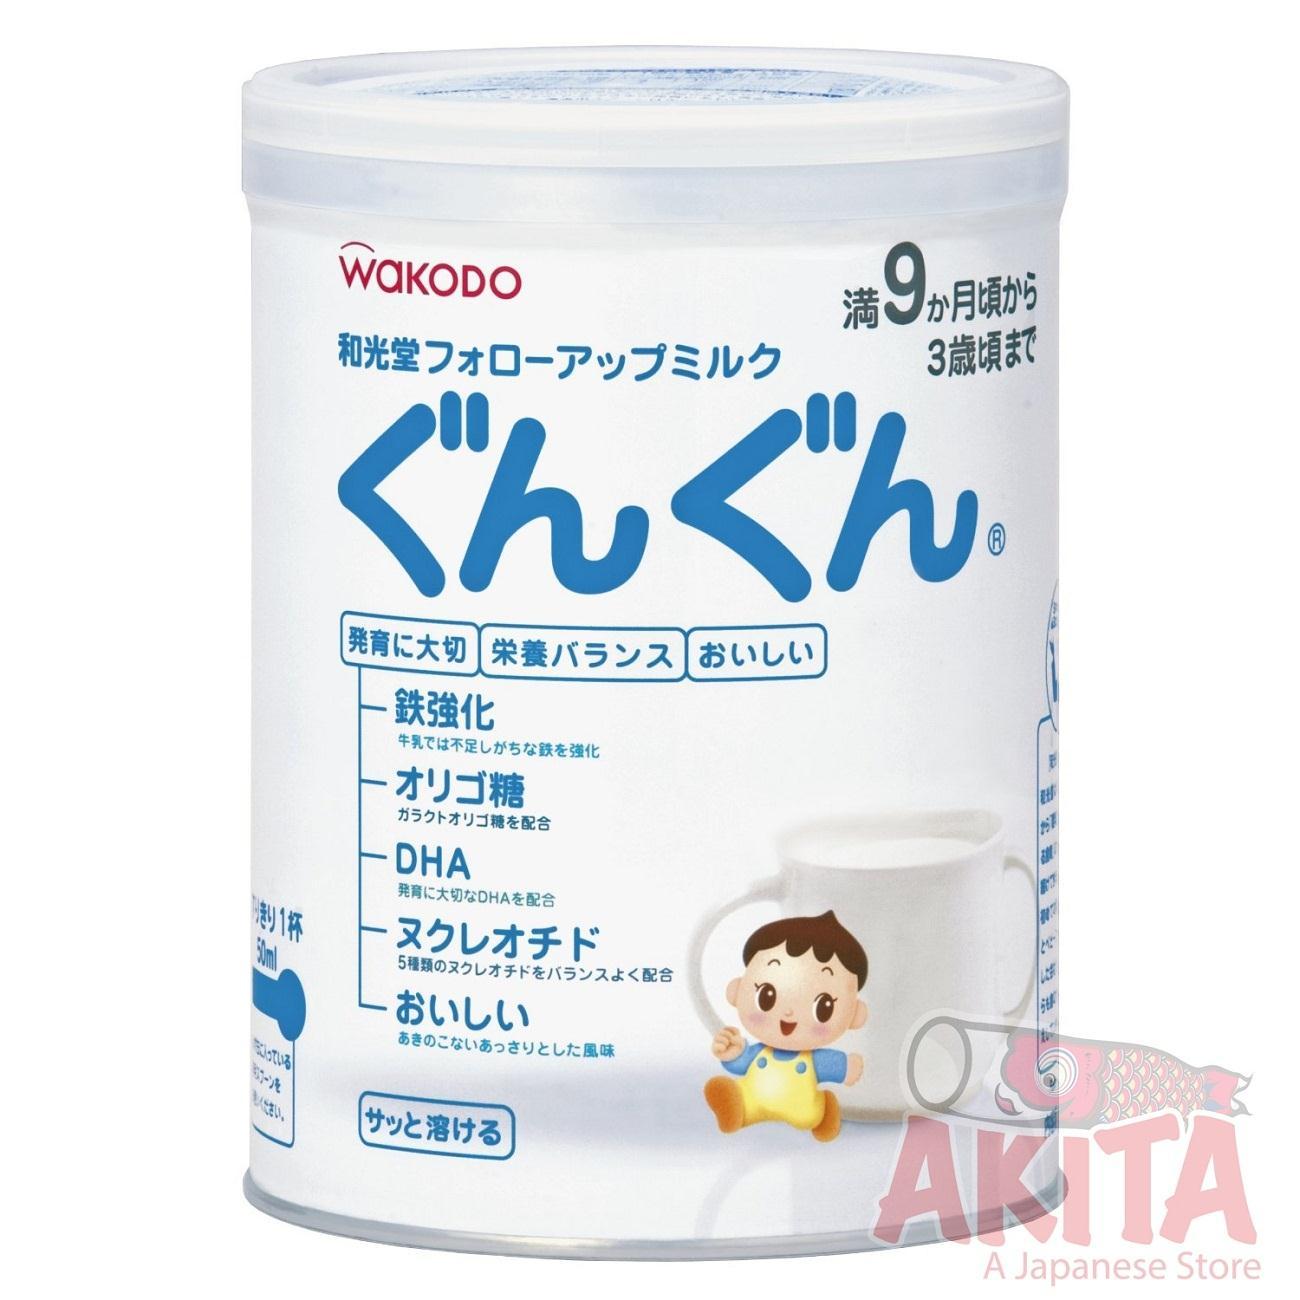 Sữa Wakodo 9 (850gr)